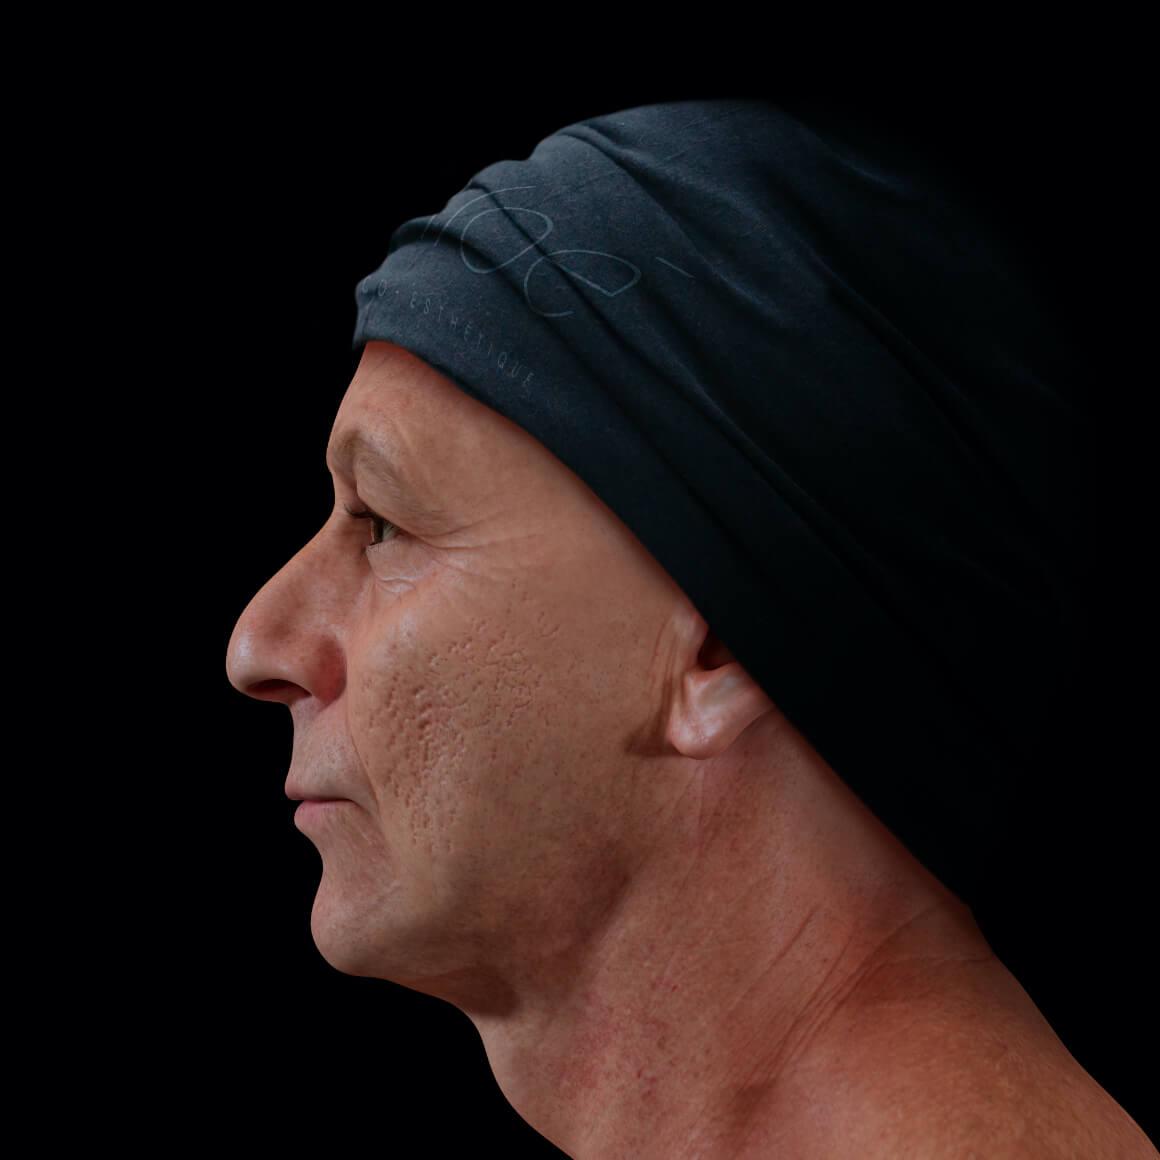 Patient de la Clinique Chloé positionné de côté ayant des cicatrices d'acné sur le visage